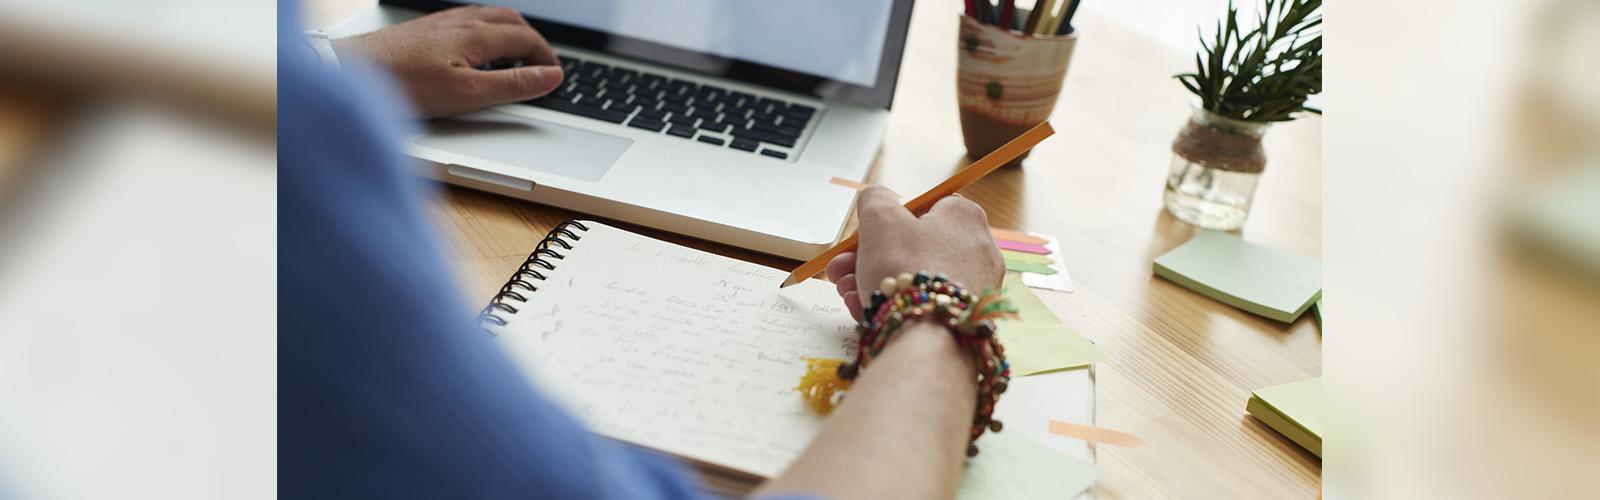 A imagem mostra as mãos de uma pessoa, em destaque, manuseando um notebook e escrevendo em um caderno sobre a mesa.